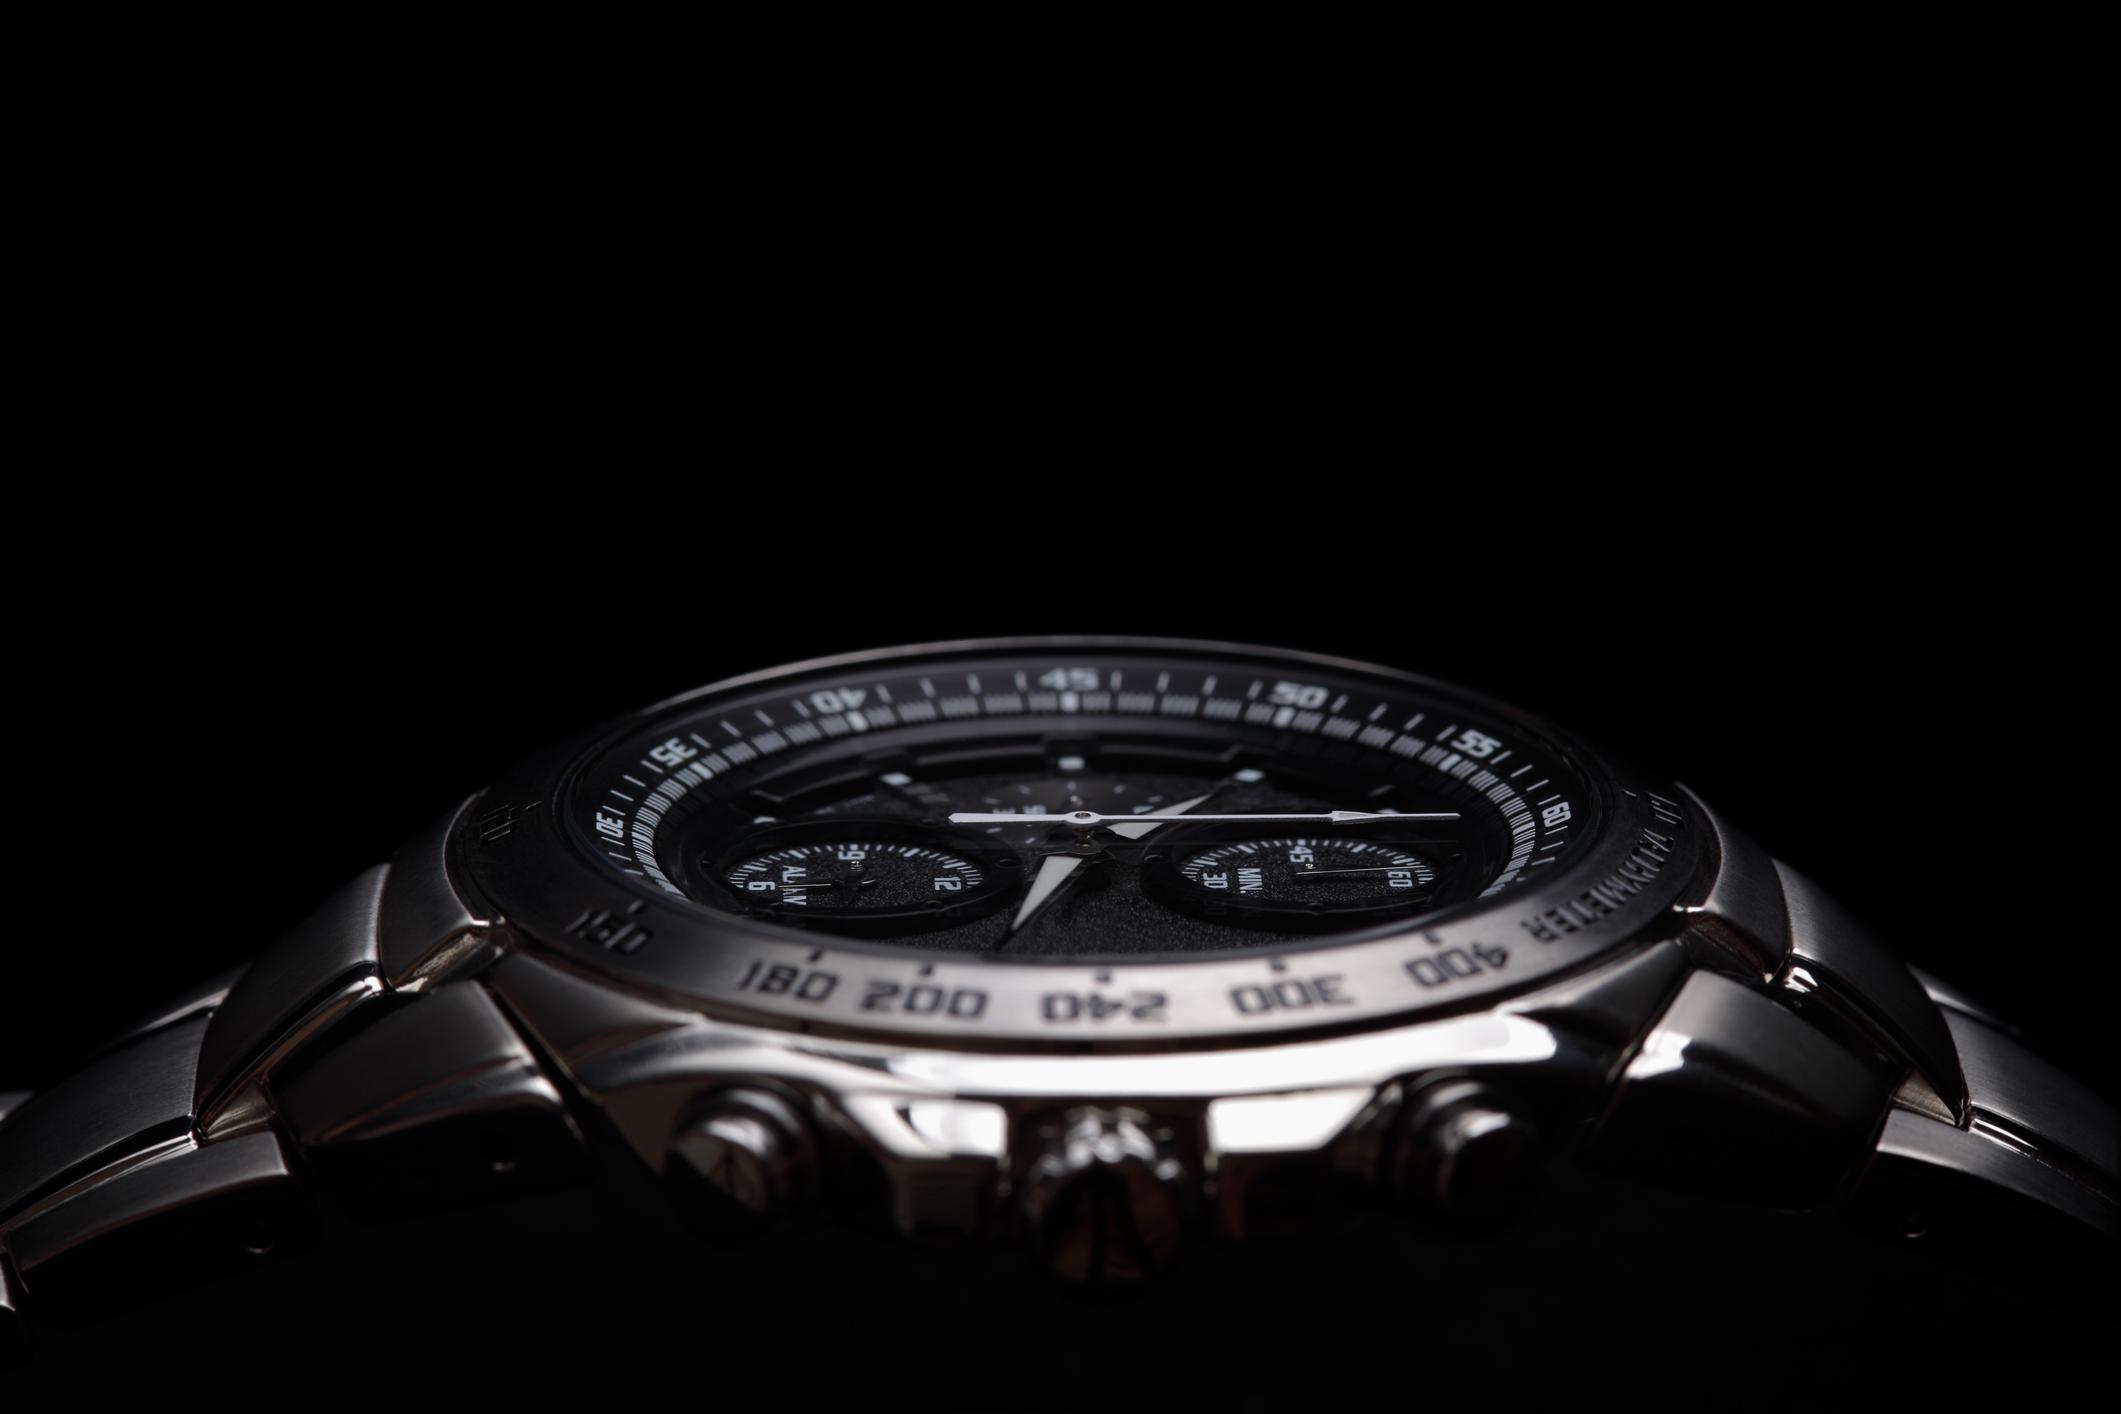 A watch face